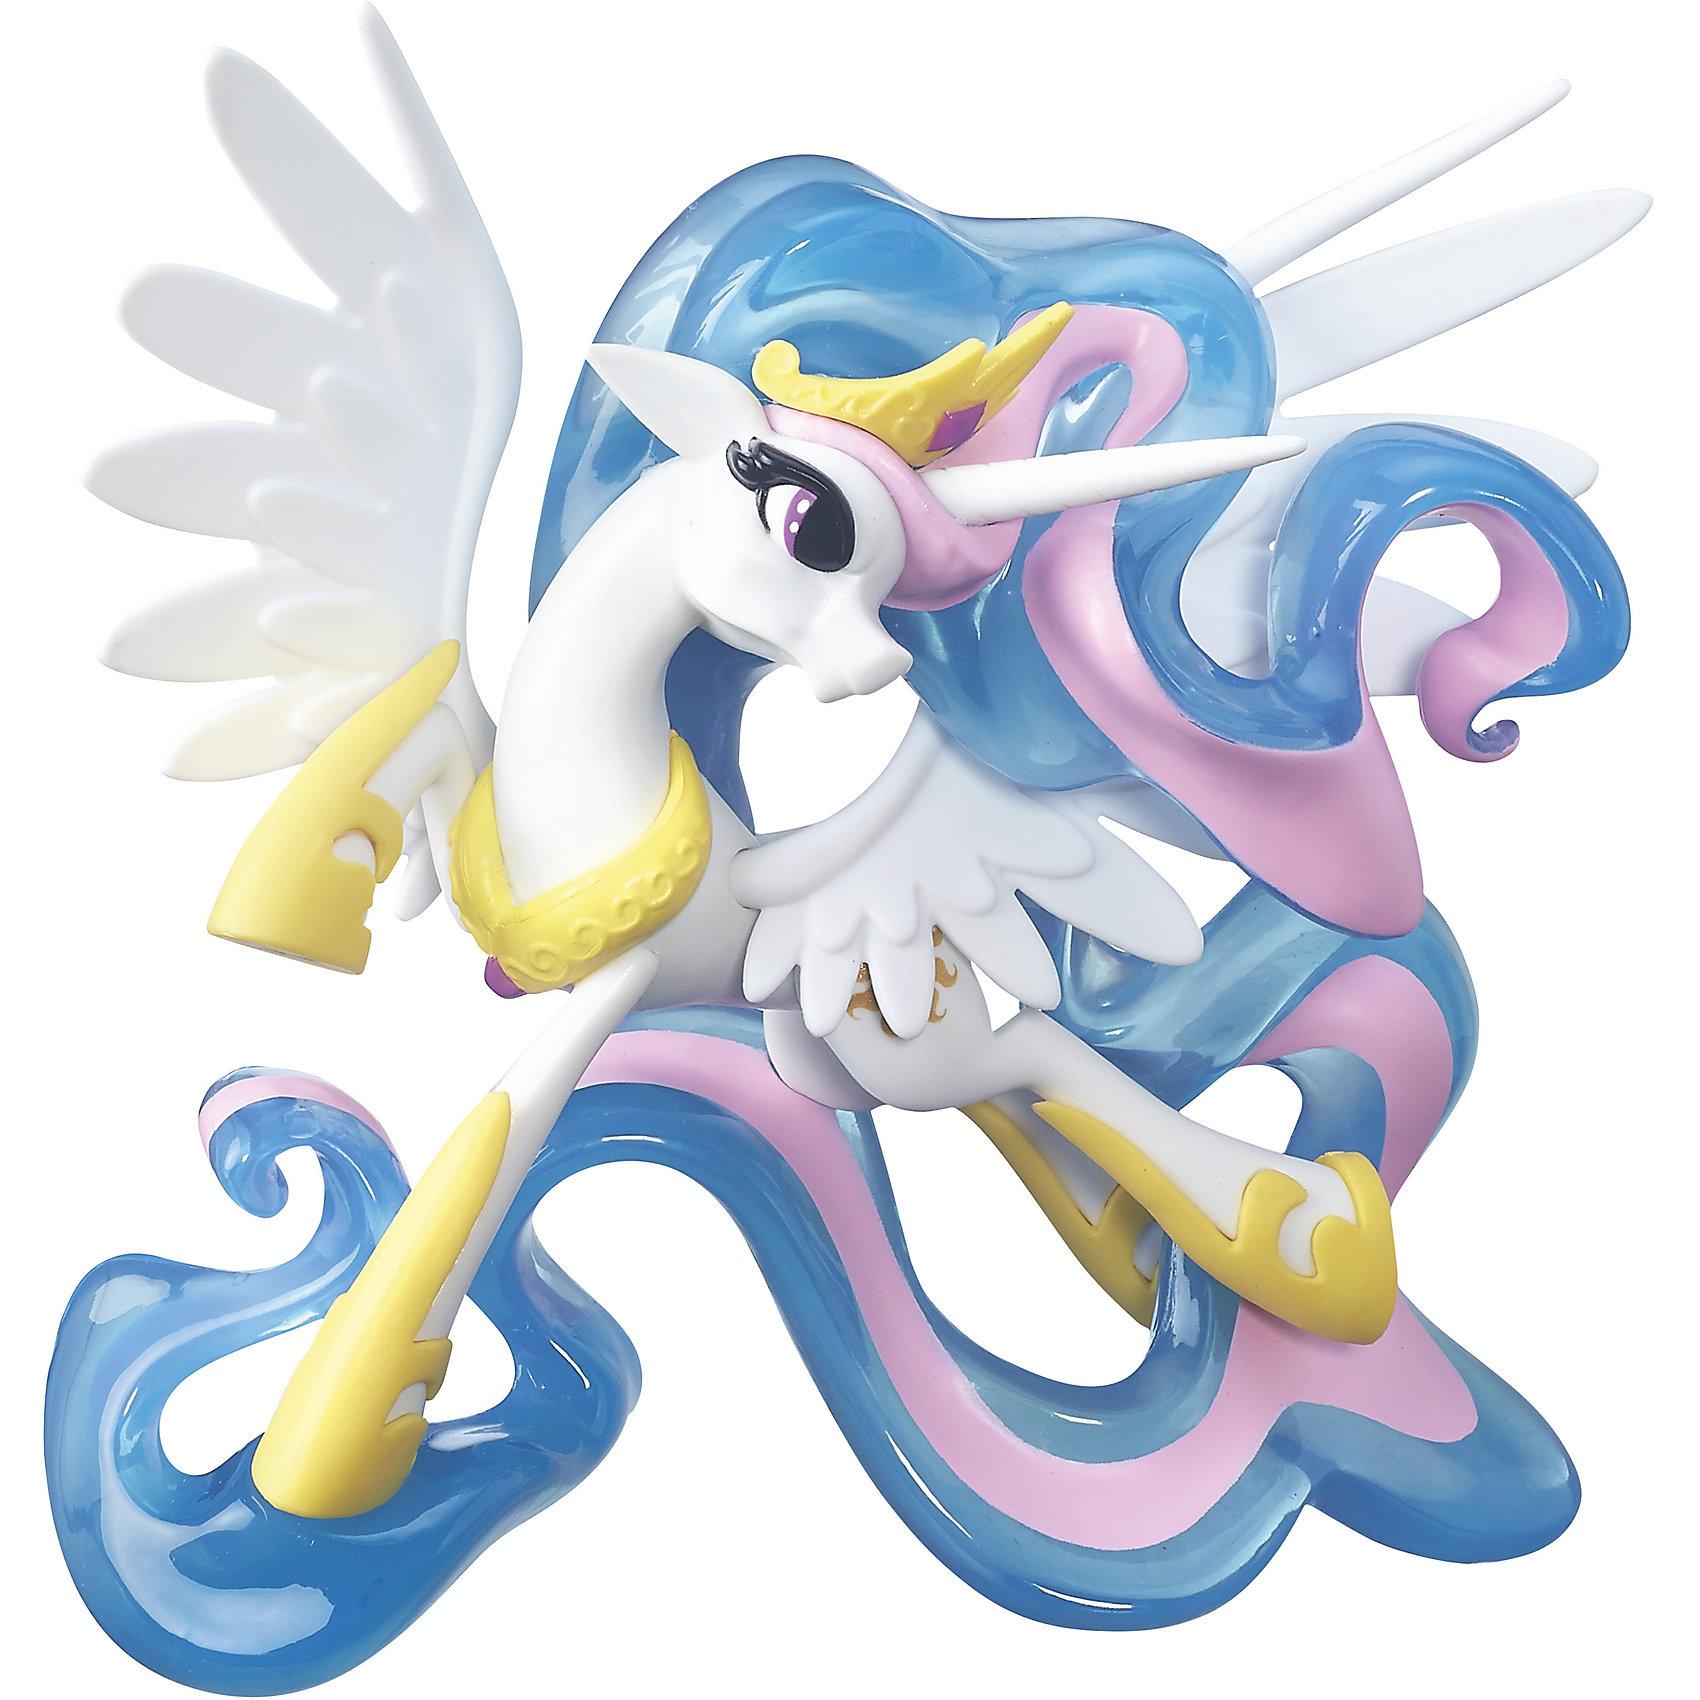 Коллекционная фигурка, Хранители гармонии, My little PonyКоллекционные и игровые фигурки<br>Коллекционная фигурка Принцесса Селестия, Хранители гармонии, My little Pony (Моя маленькая Пони).<br><br>Характеристика:<br><br>• Материал: пластик.   <br>• Размер фигурки: 20 см. <br>• Прекрасная детализация. <br>• Подвижные крылья.<br>• Накладки на копытца. <br>• Красивая развивающаяся грива. <br>• Оригинальная поза. <br><br>Фигурка «Принцесса» серии Guardians of Harmony приведет в восторг всех поклонниц My Little Pony (Май литл Пони)! Белая пони Селестия - с золотыми копытцами, короной, хвостом и гривой цвета утреннего неба выглядит воинственно и прекрасно. Игрушка выполнена из высококачественных материалов, детально проработана и реалистично раскрашена - очень похожа на героиню мультфильма. Прекрасное дополнение коллекции My Little Pony! <br><br>Коллекционную фигурку Принцесса Селестия, Хранители гармонии, My little Pony (Моя маленькая Пони), можно купить в нашем интернет-магазине.<br><br>Ширина мм: 81<br>Глубина мм: 227<br>Высота мм: 253<br>Вес г: 583<br>Возраст от месяцев: 48<br>Возраст до месяцев: 120<br>Пол: Женский<br>Возраст: Детский<br>SKU: 5344309